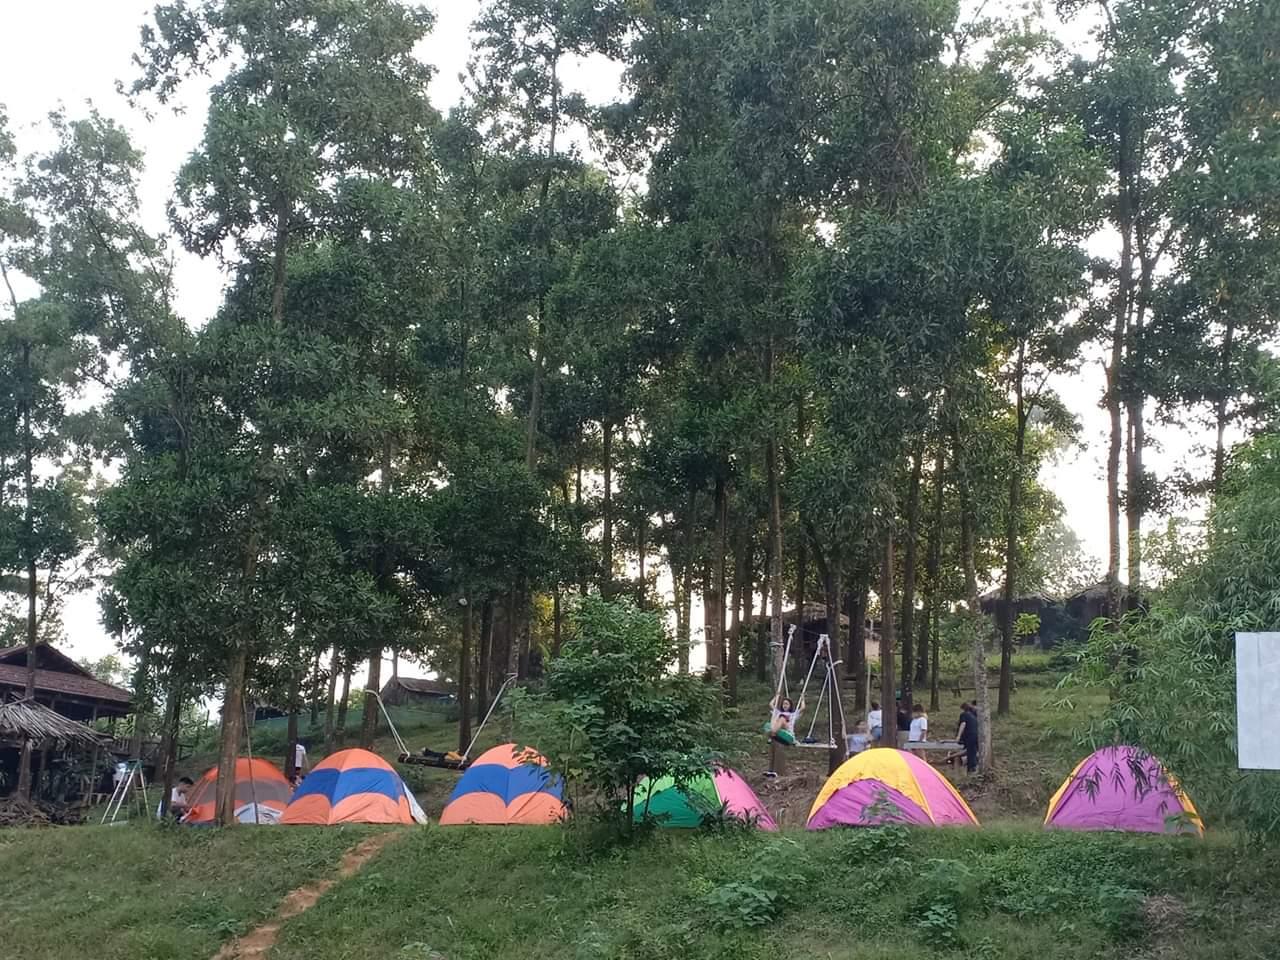 Hà Nội: Mách 3 địa điểm cắm trại cực nổi có dịch vụ trọn gói 2N1Đ cho gia đình 4 người, giá không quá 2 triệu đồng  - Ảnh 7.